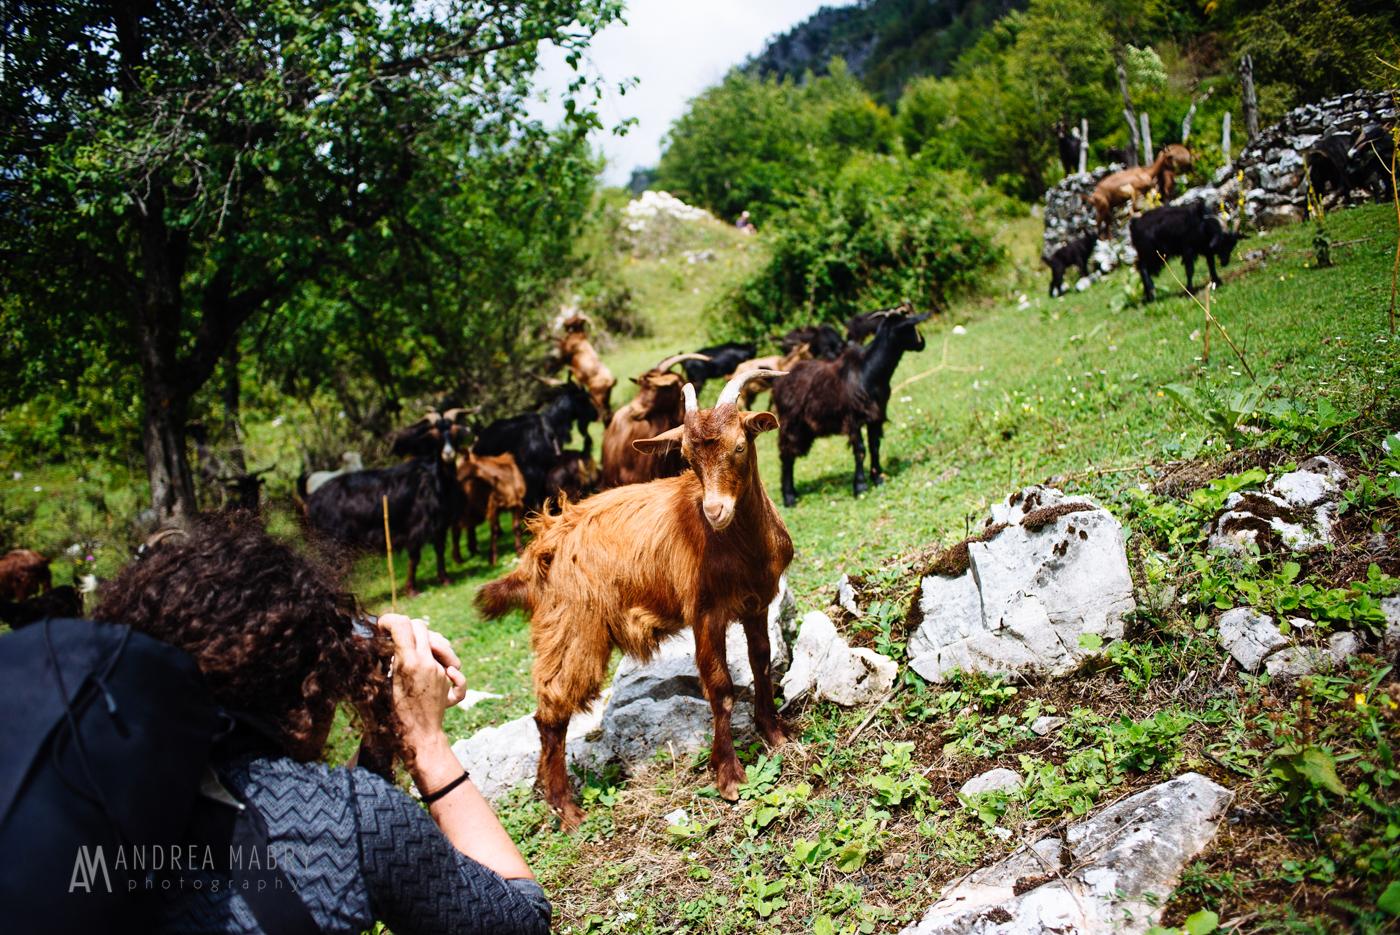 20160812-andreamabry-albania-043-2721-2.jpg